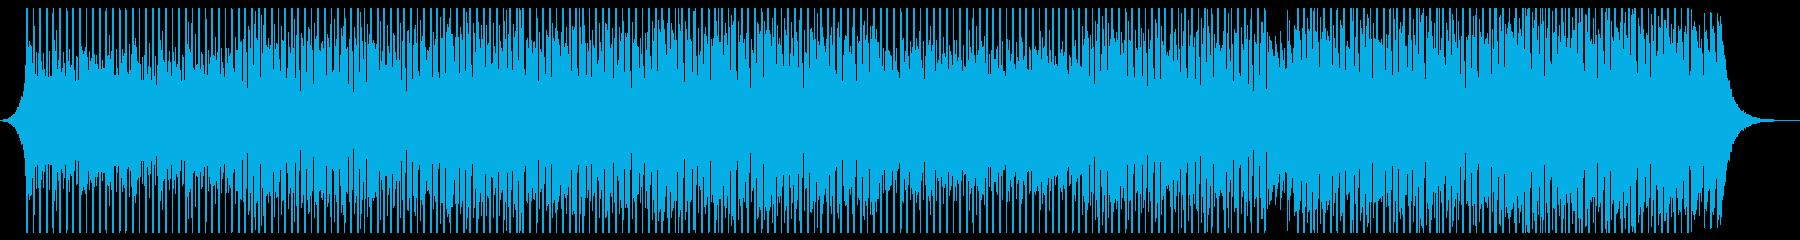 研究所教育の再生済みの波形